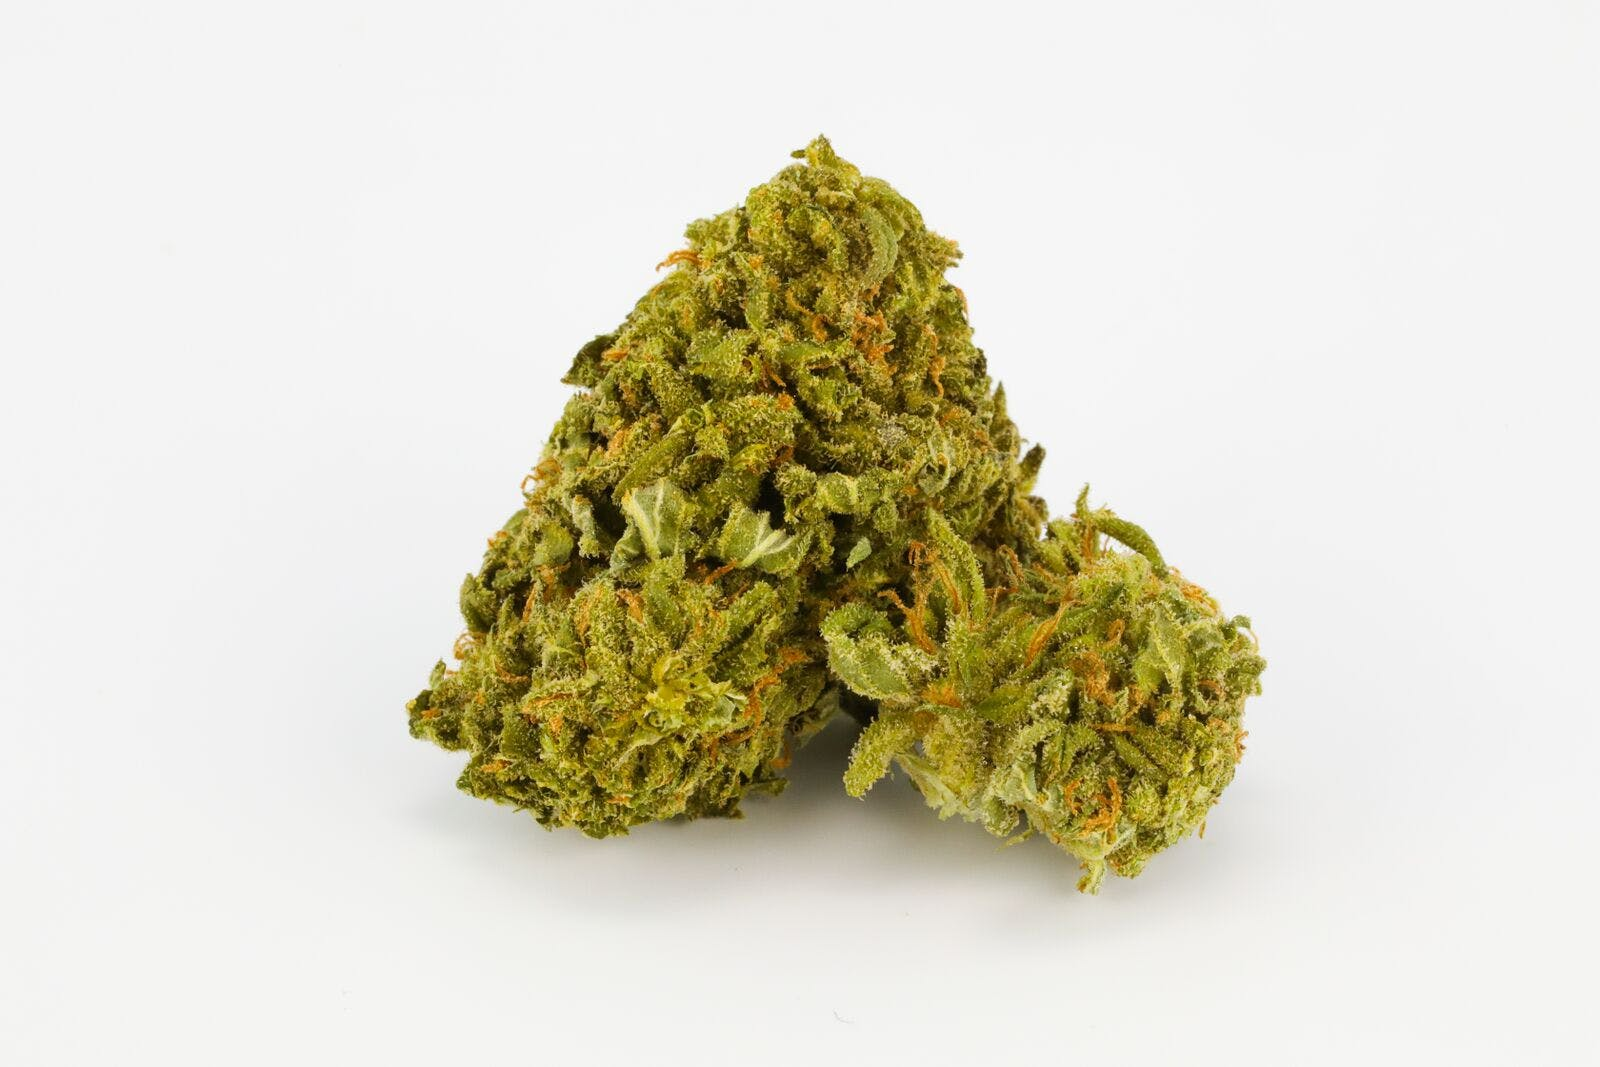 Papaya Marijuana Strain This doctor tried to convince Carl Sagan to stop smoking weed